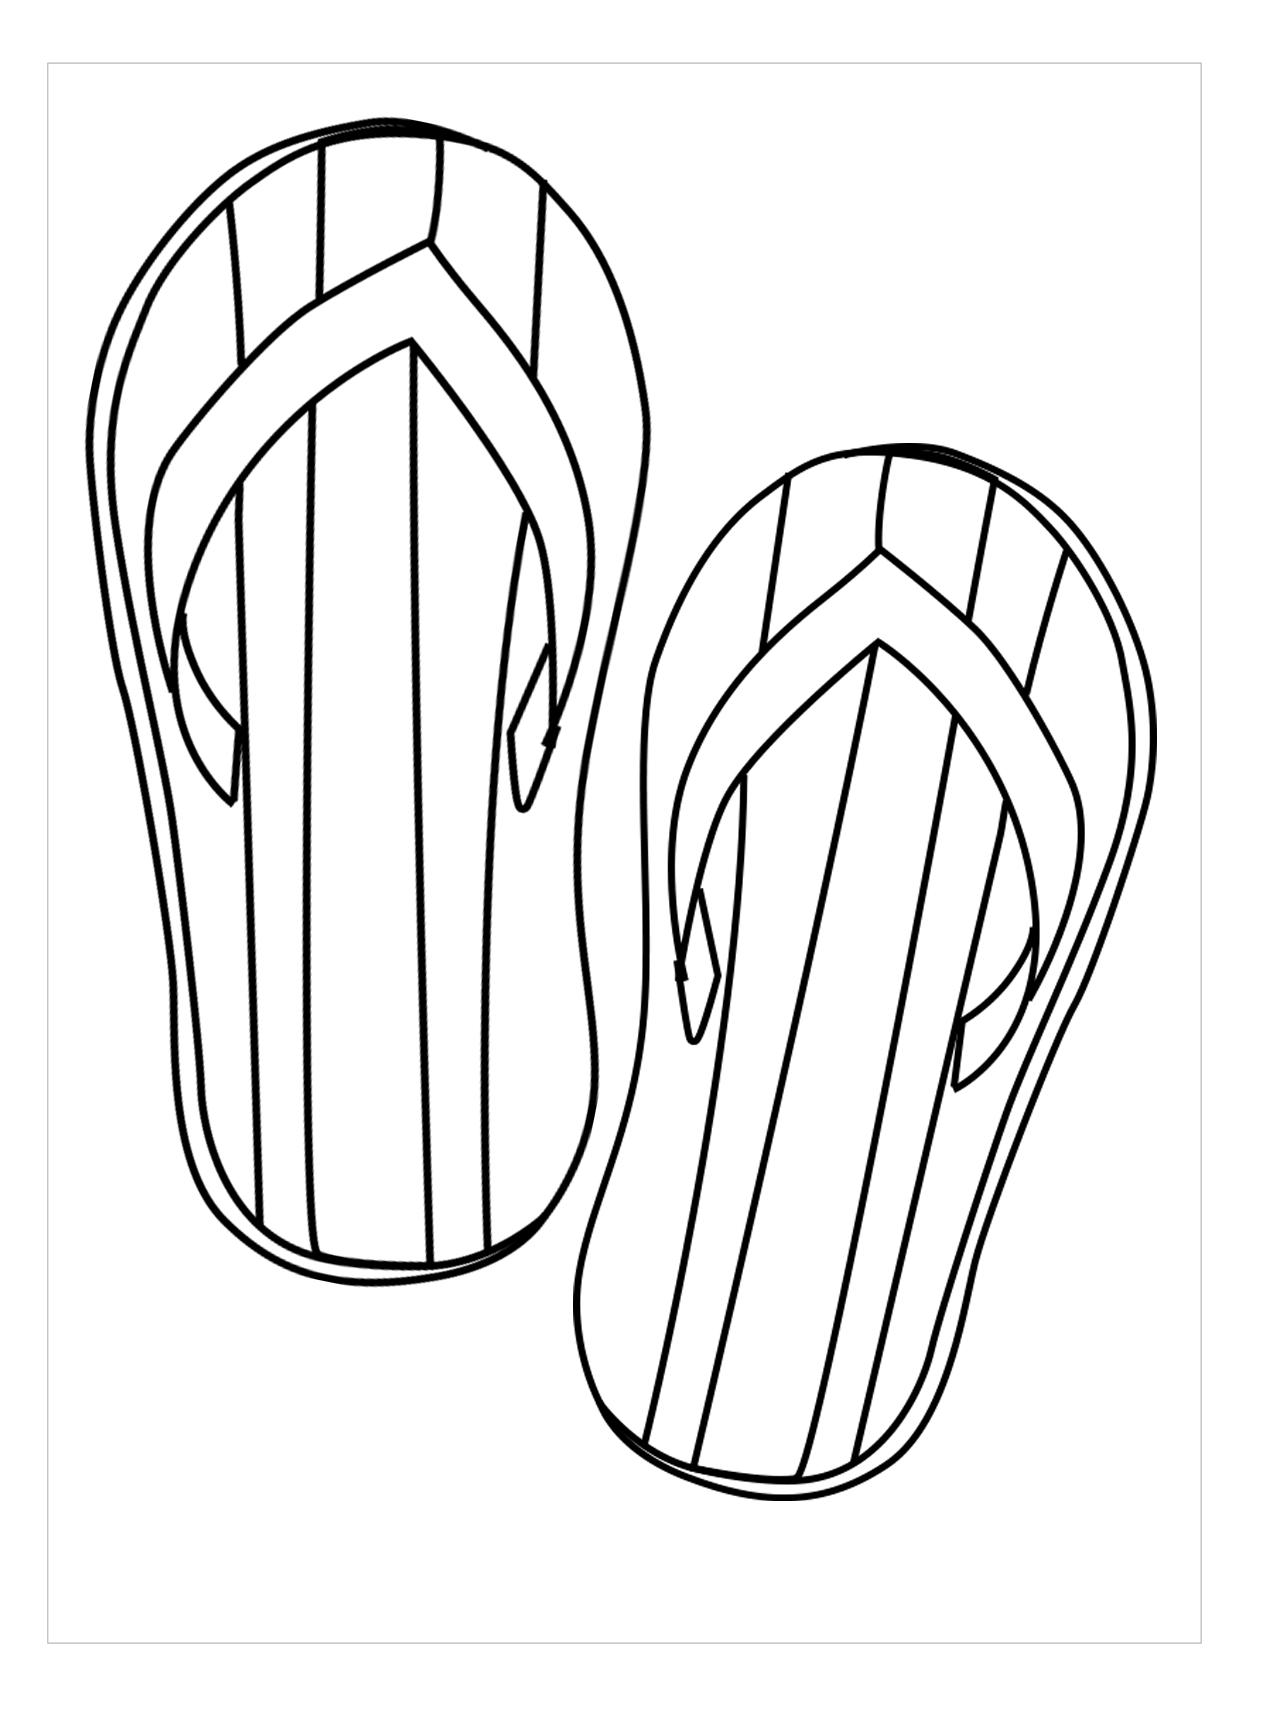 Hình tô màu đôi dép họa tiết đơn giản